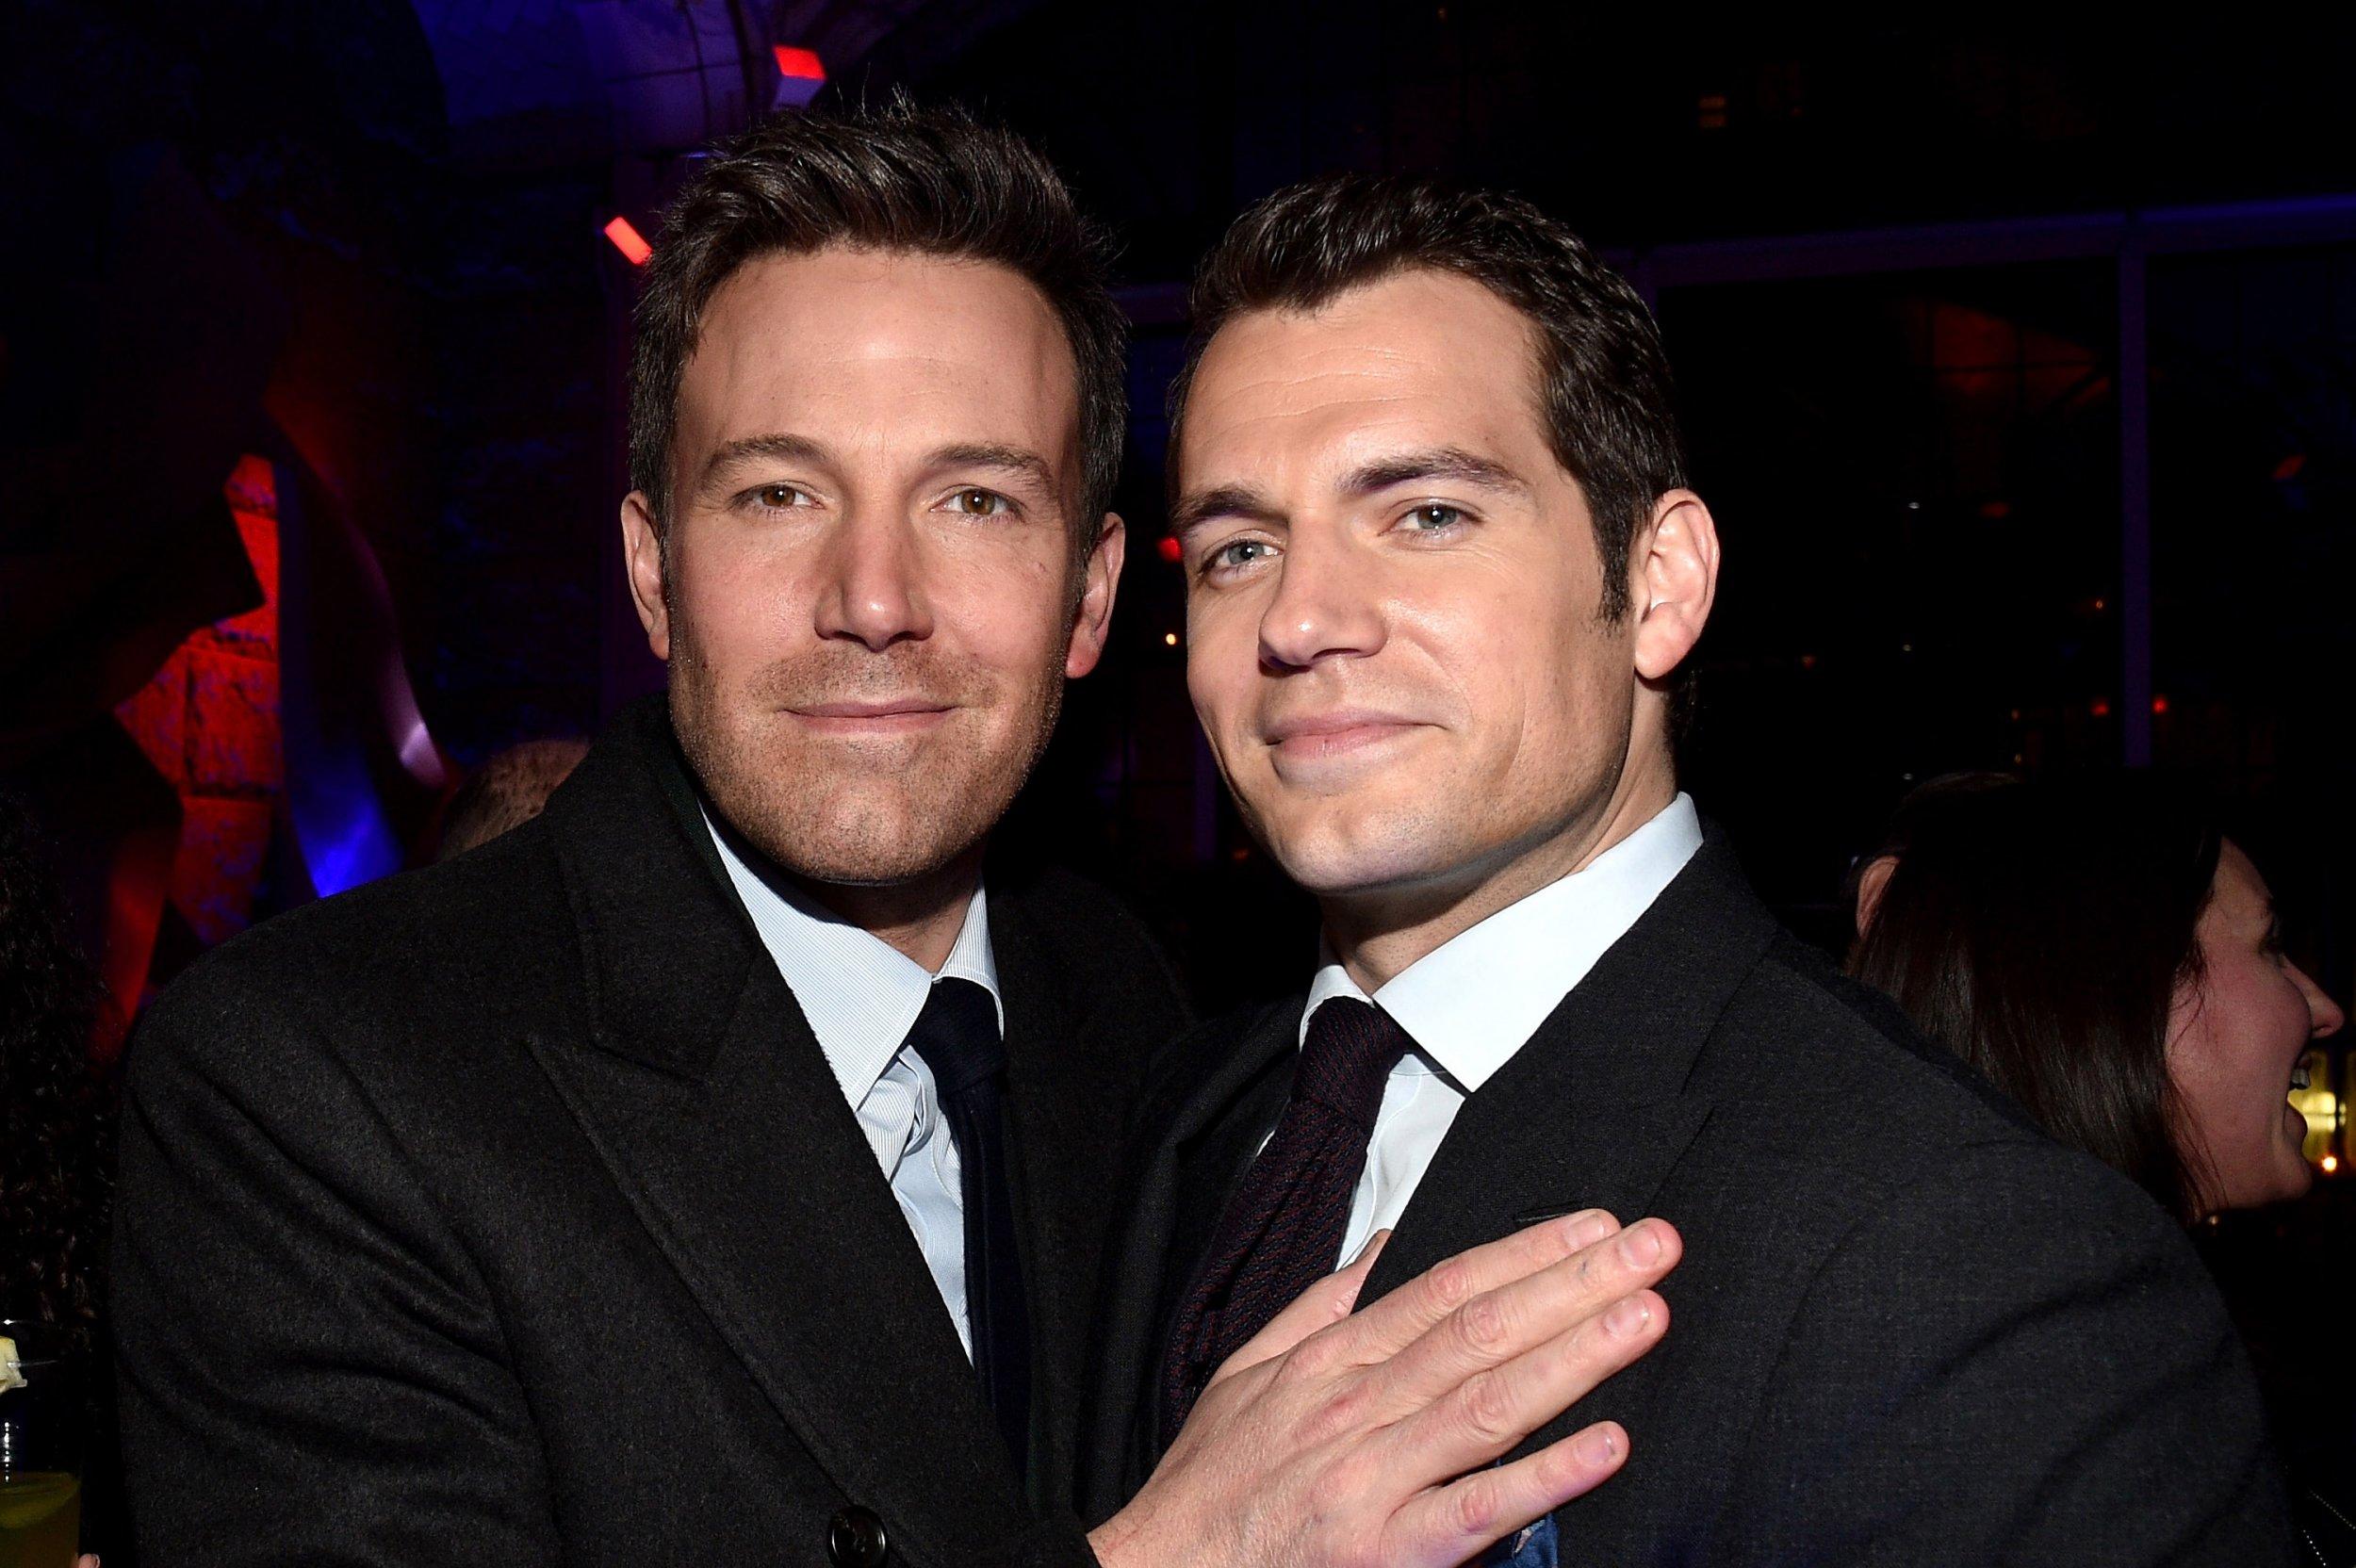 Batman v Superman stars Ben Affleck and Henry Cavill